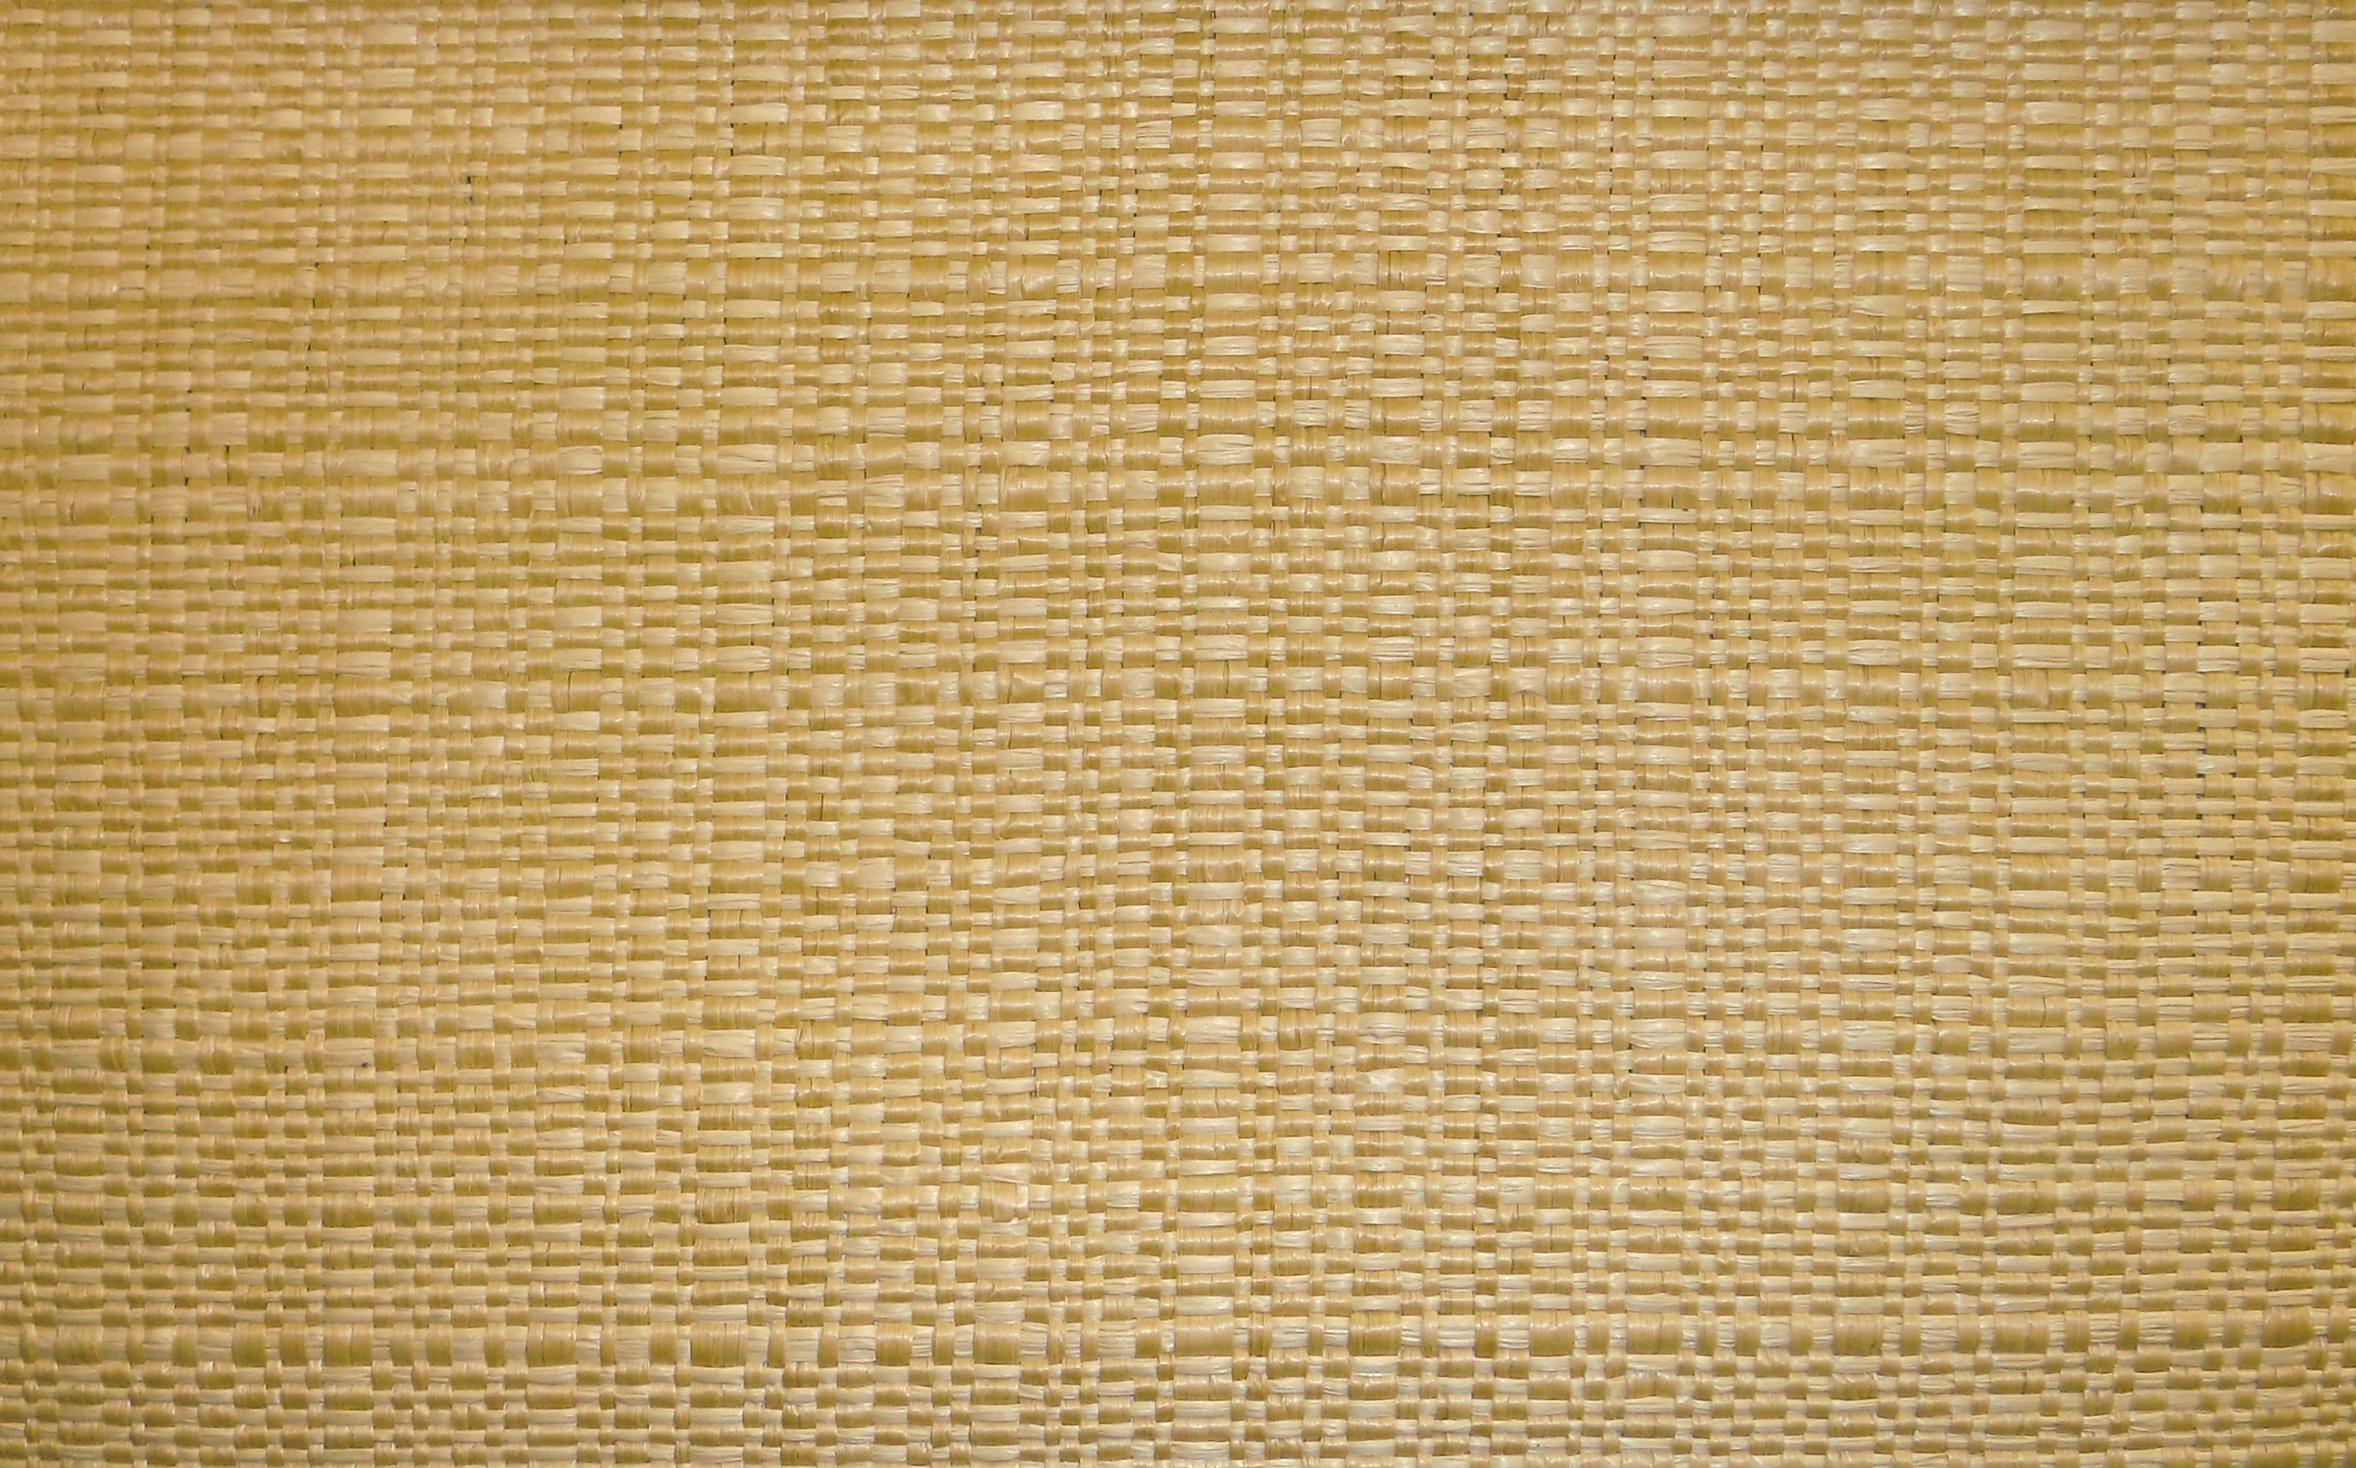 Fabricut fabrics pannier raffia straw for Where to get fabric